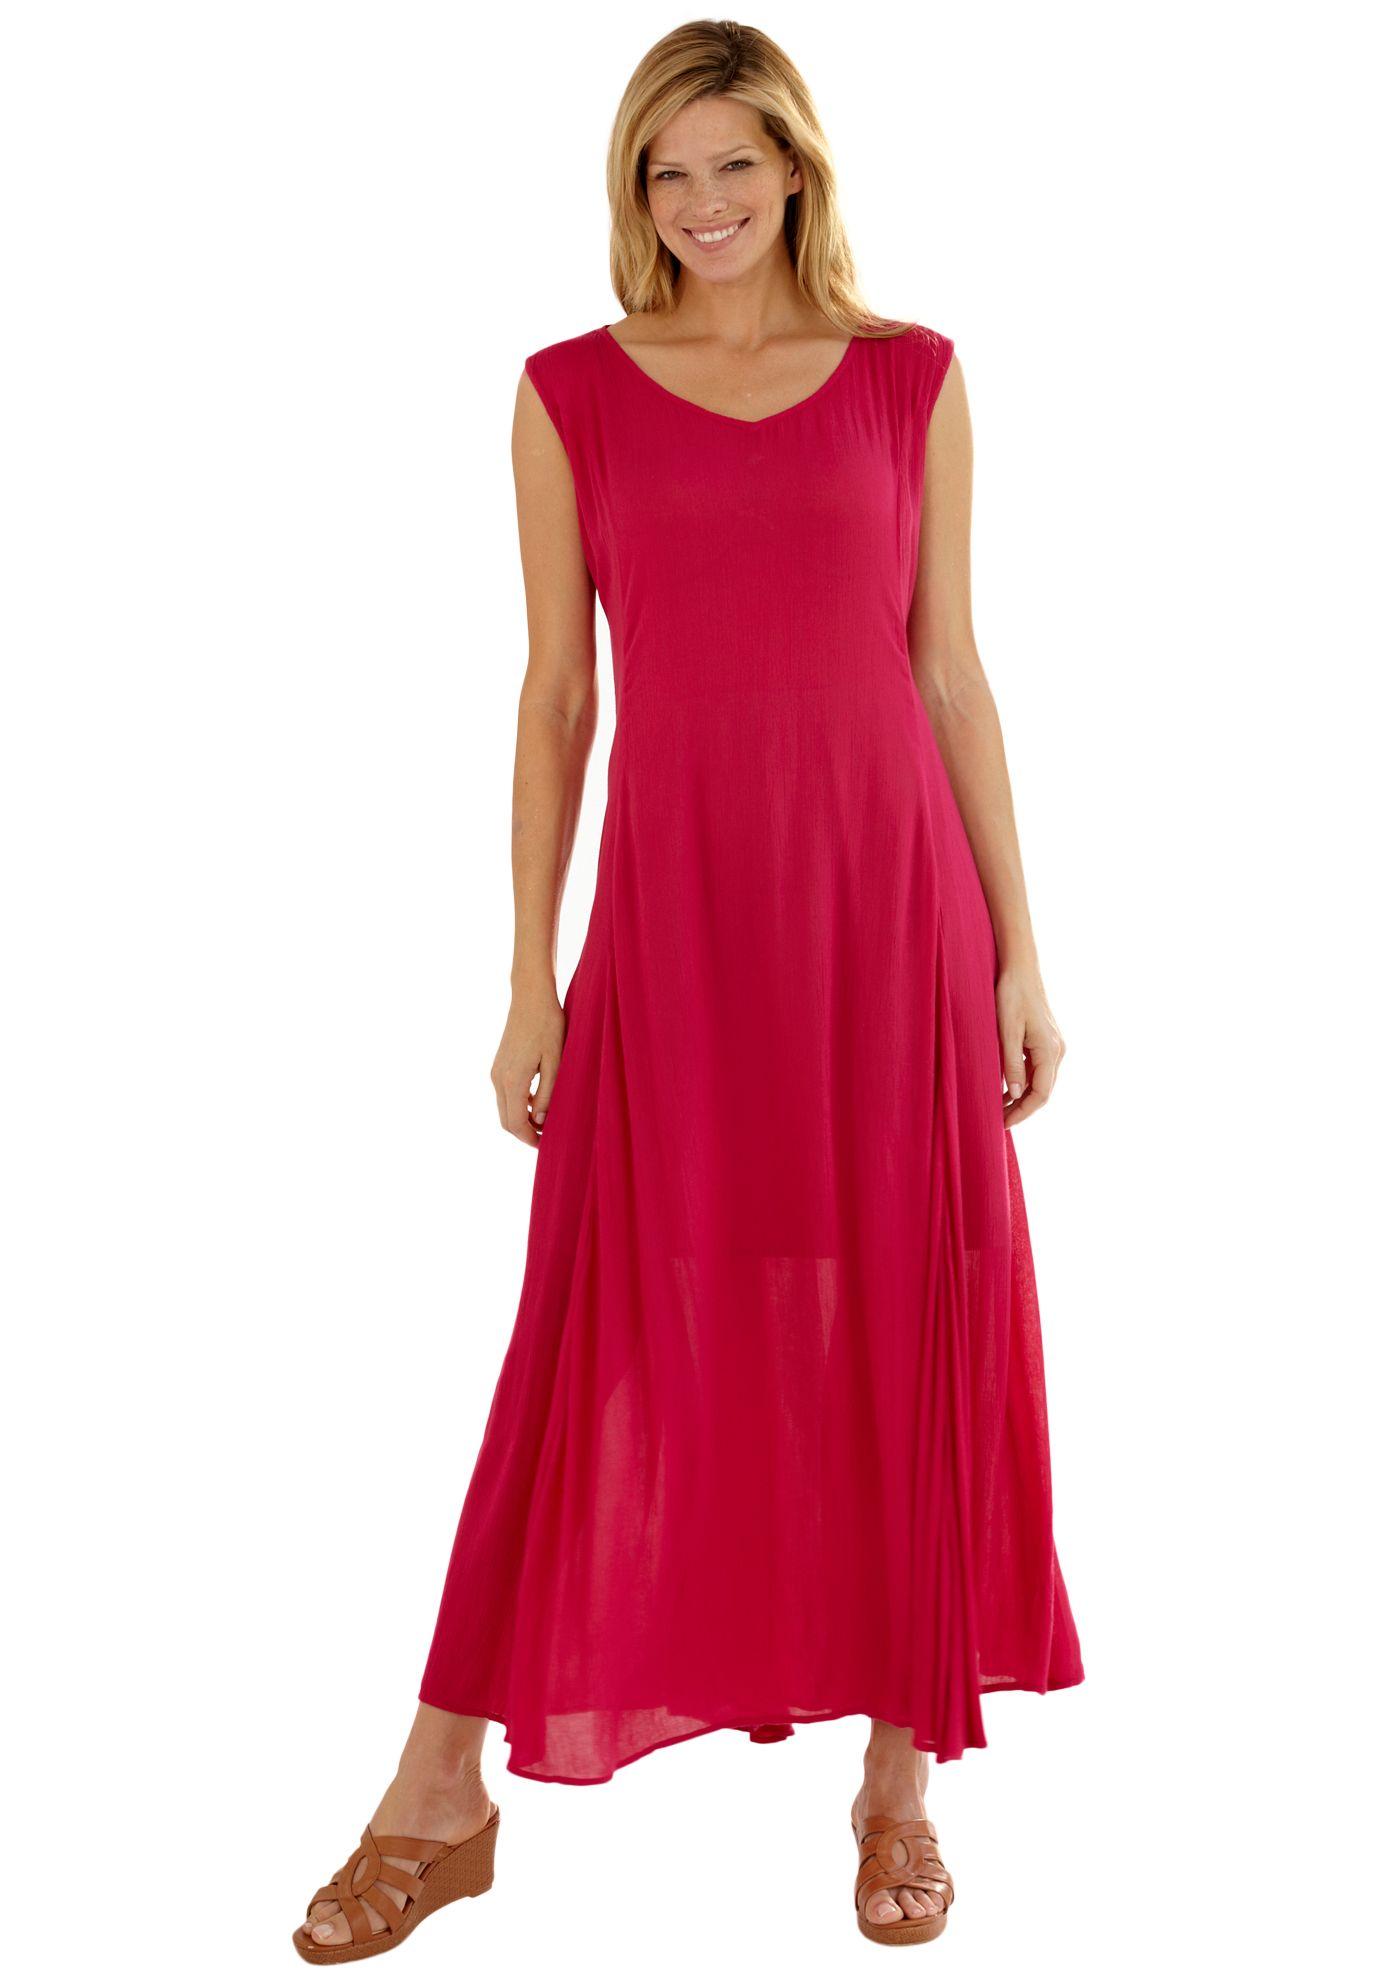 796a0da3618 Dress in maxi length with V-neck